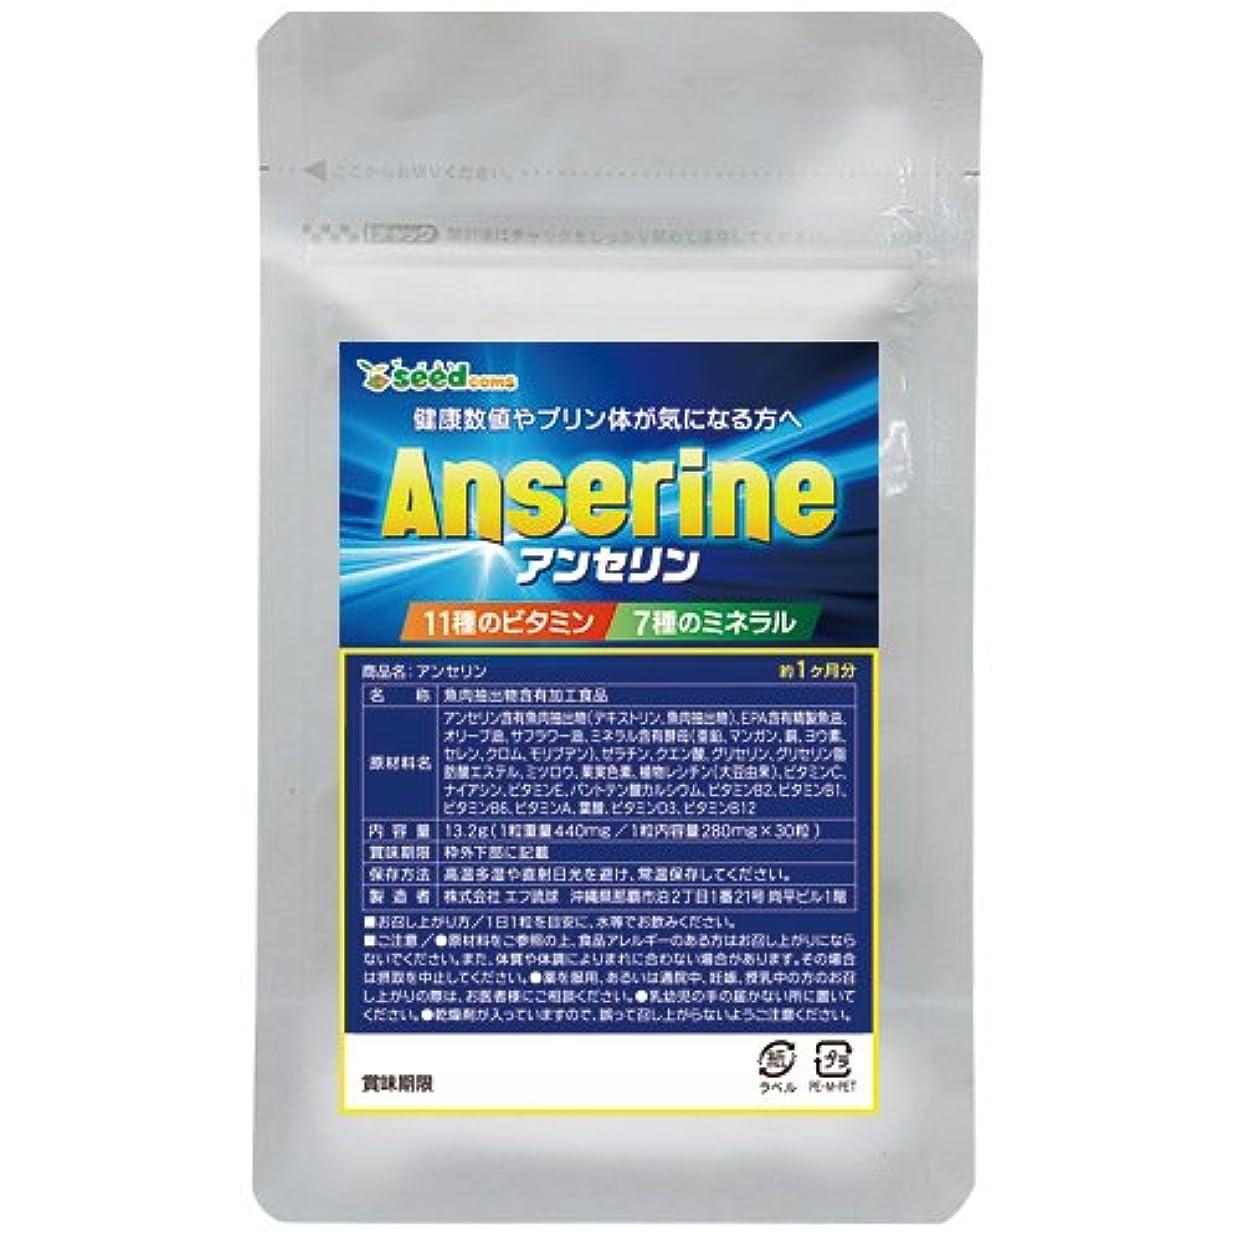 悲しむ誠意噴出するシードコムス seedcoms アンセリン 11種類の ビタミン &7種類の ミネラル 約1ヶ月分 30粒